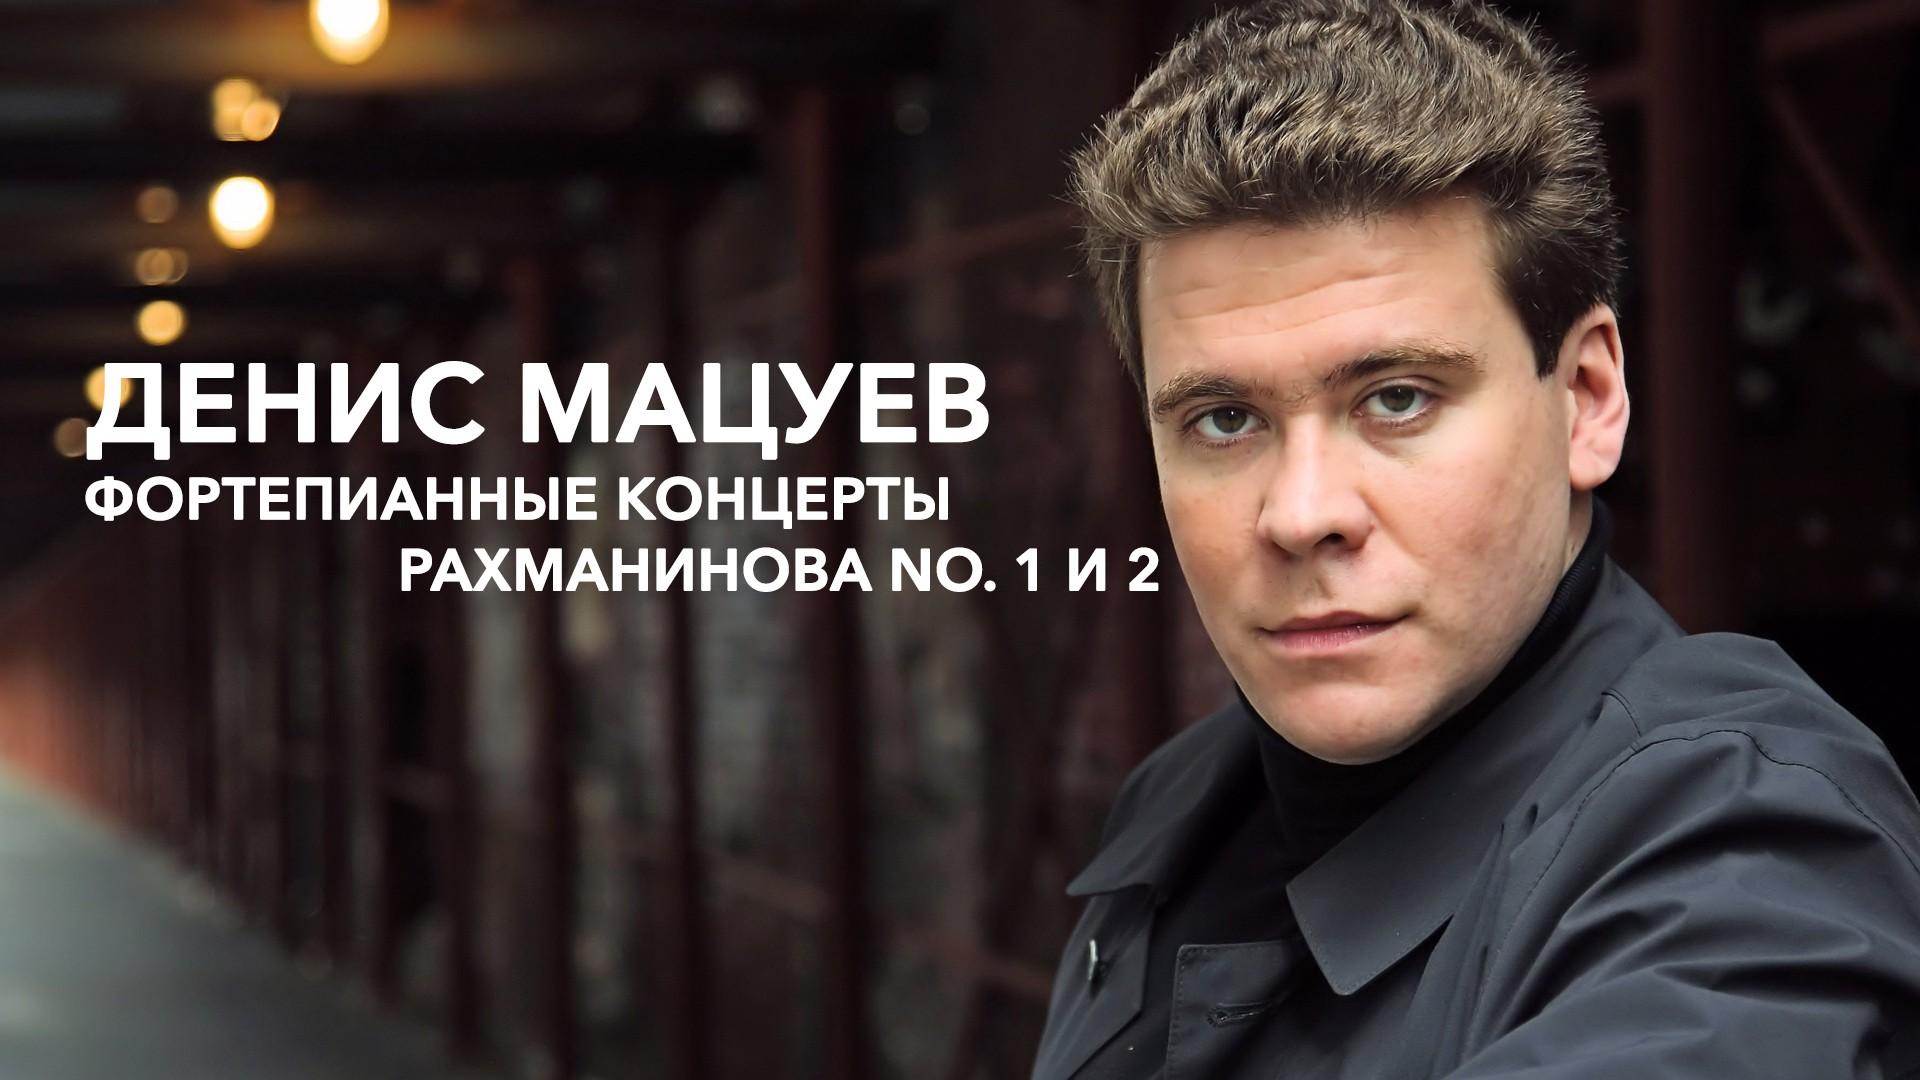 Денис Мацуев. Фортепианные концерты Рахманинова No. 1 и 2